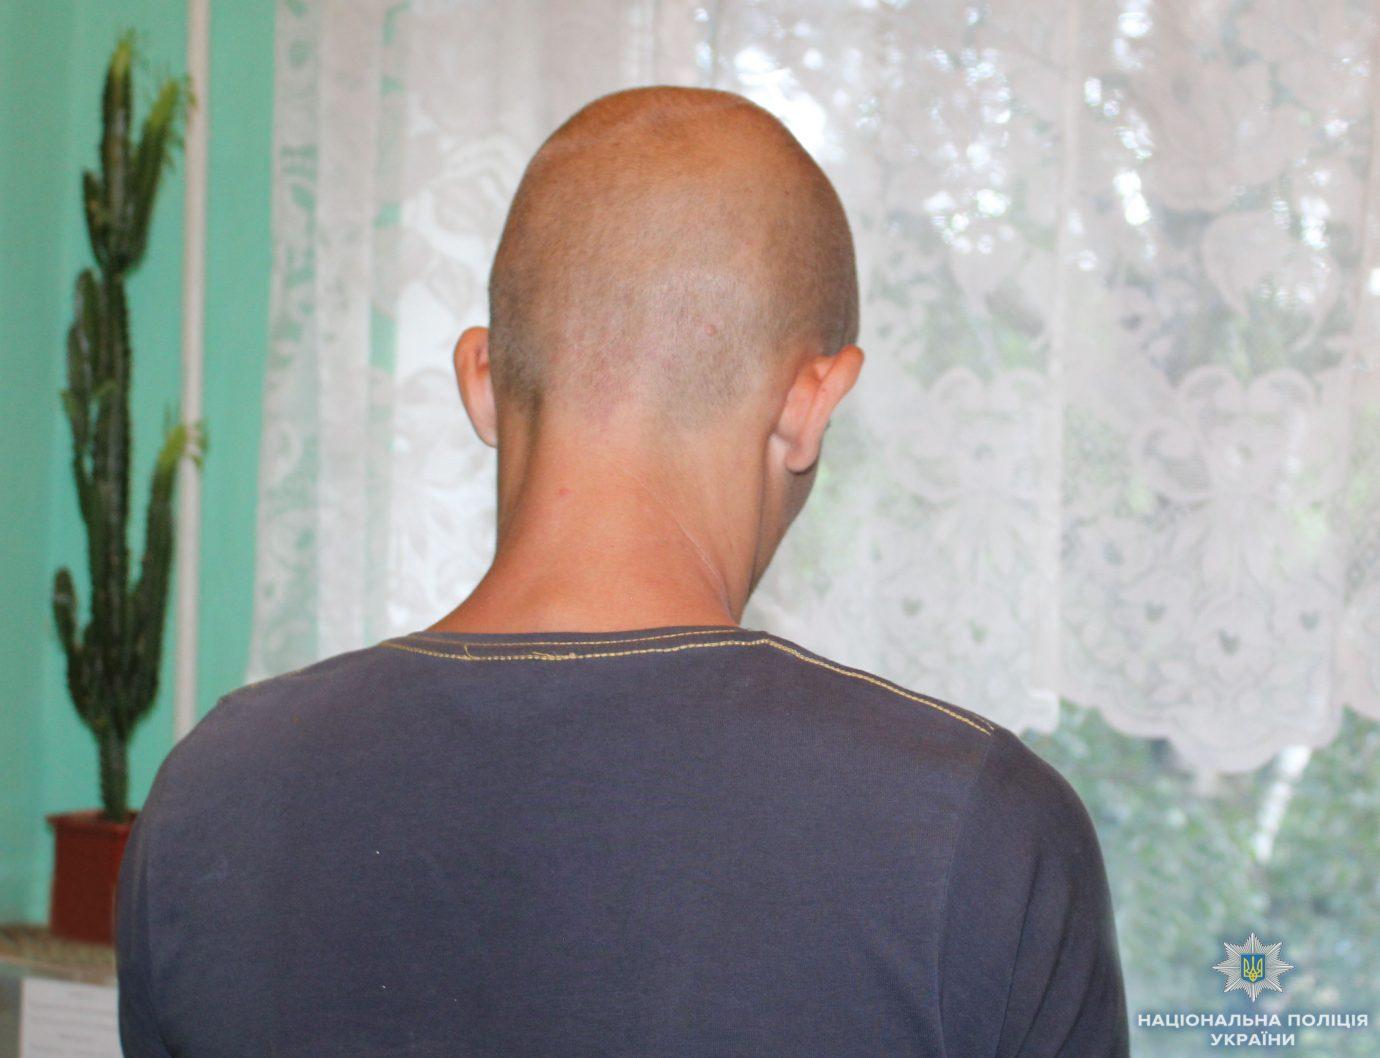 На Кіровоградщині викрили шахрая, який привласнив кошти на лікування тяжкохворого малюка. ФОТО - 3 - Кримінал - Без Купюр